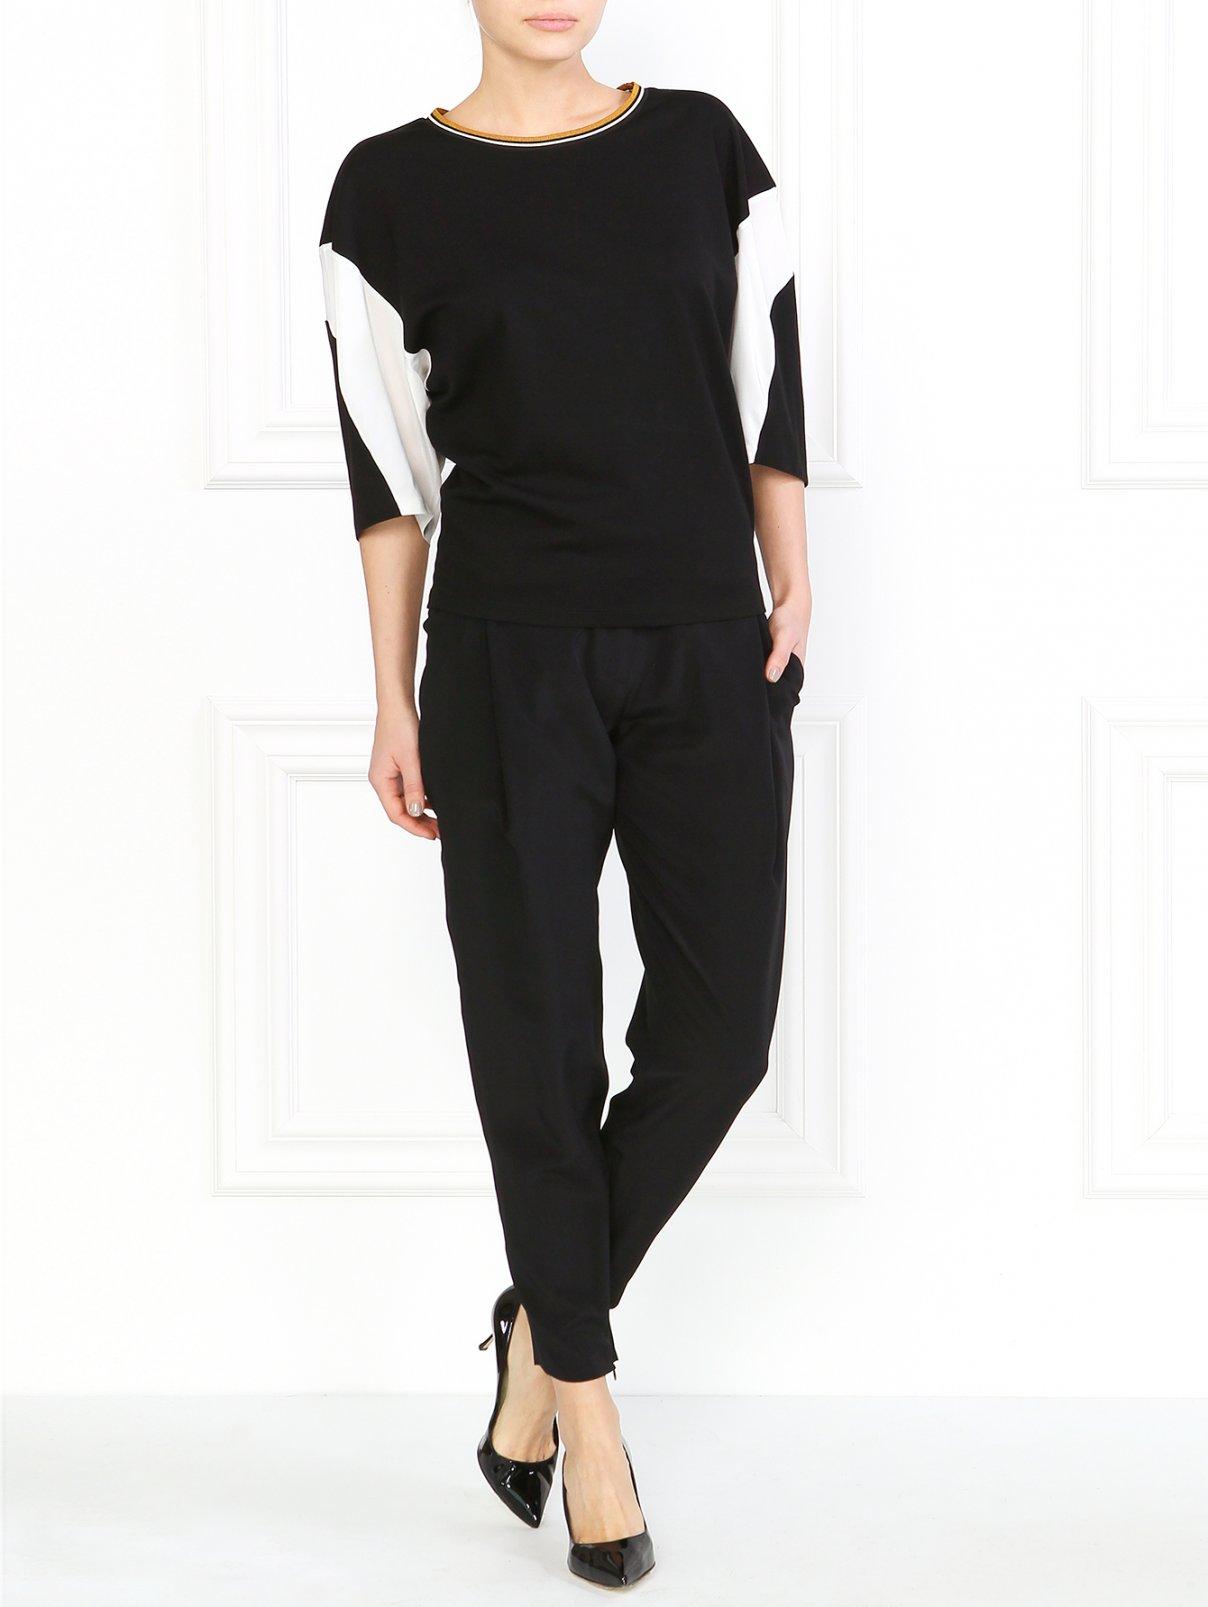 Шелковые брюки с боковыми карманами Barbara Bui  –  Модель Общий вид